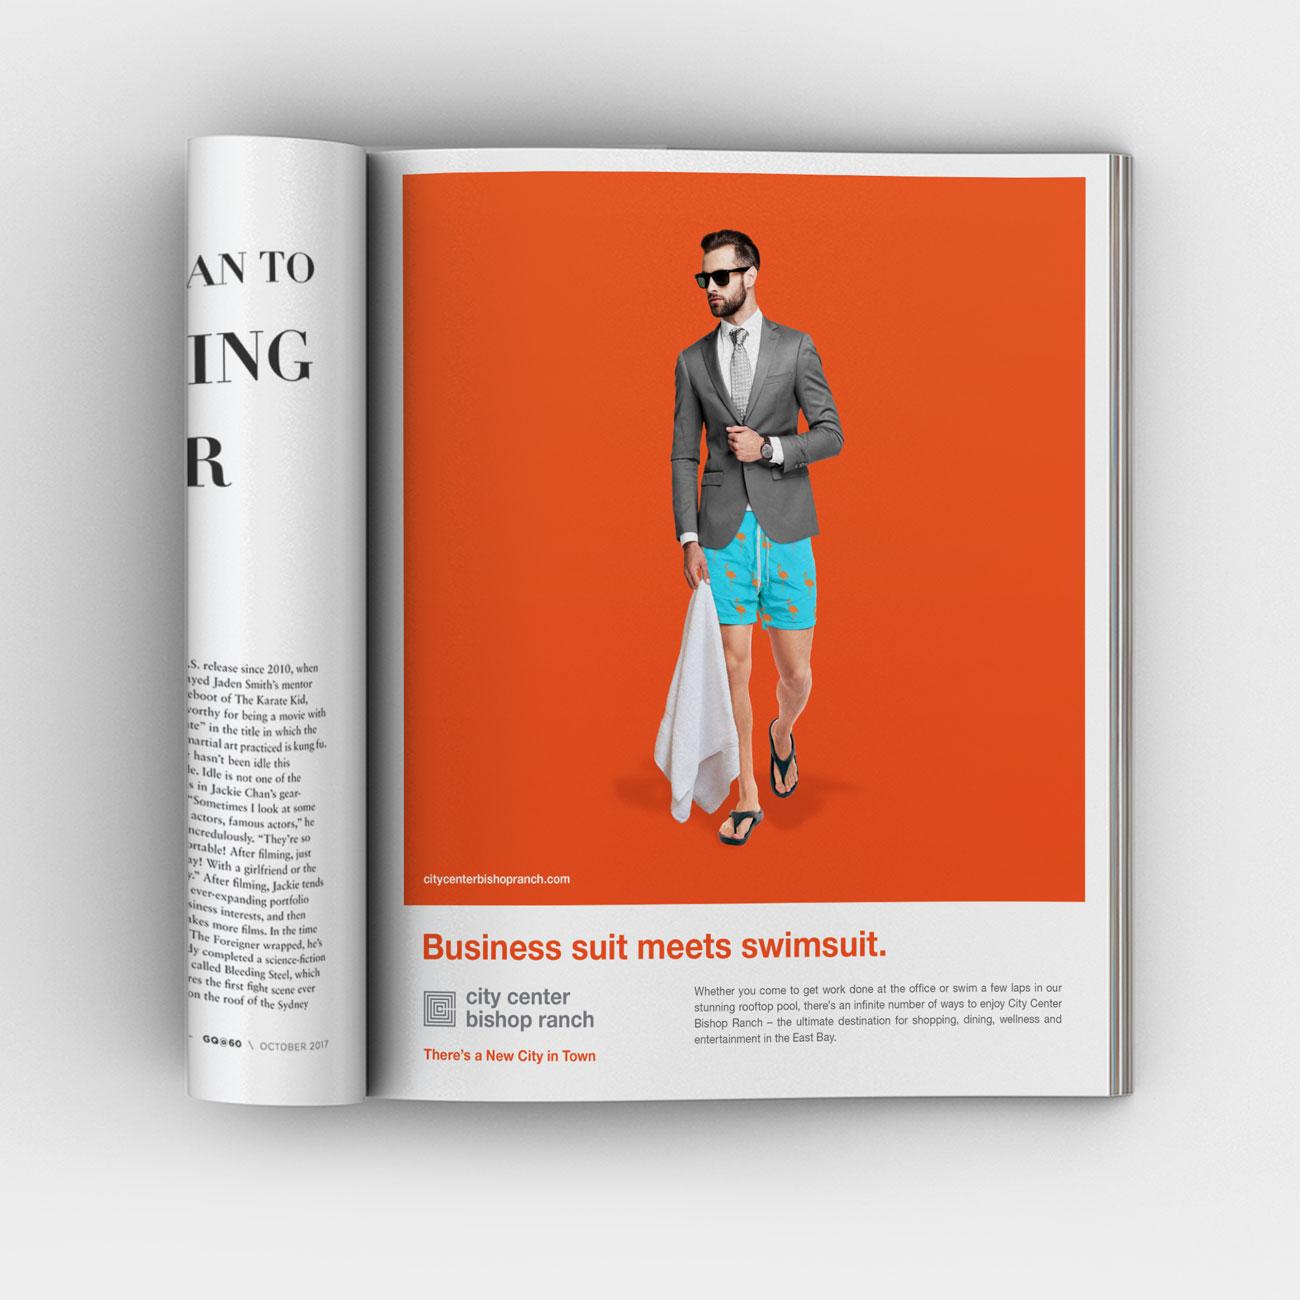 EVERGIB_CCBR_Ad_BusinessSuit-SwimSuit_SQ